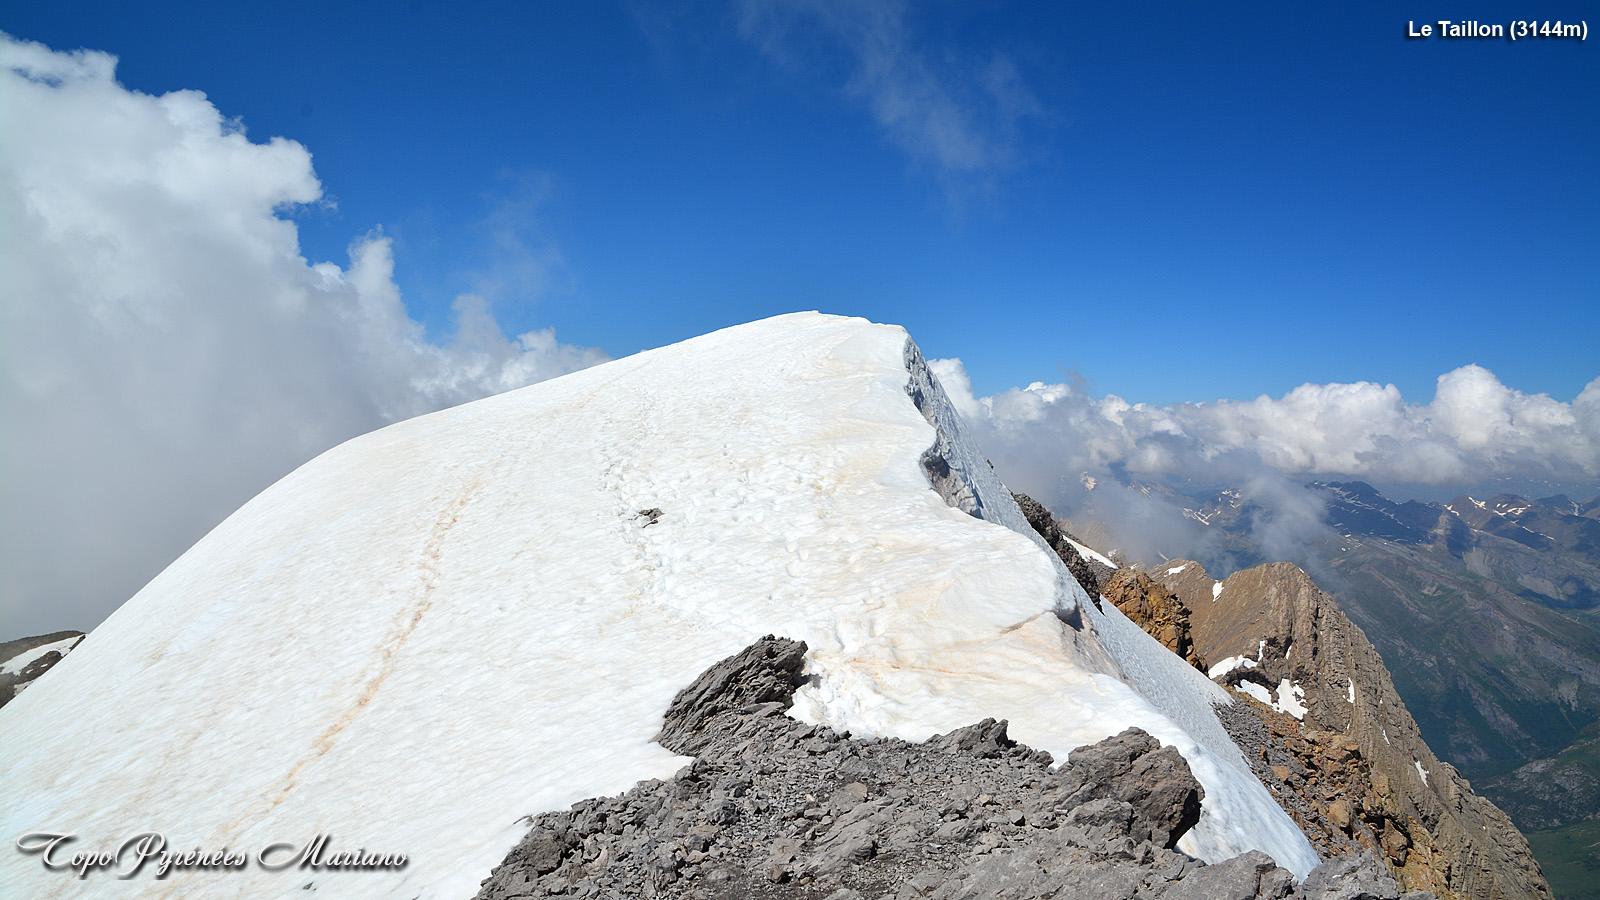 Randonnée Pic du Taillon 3144m (Hiver/Printemps)